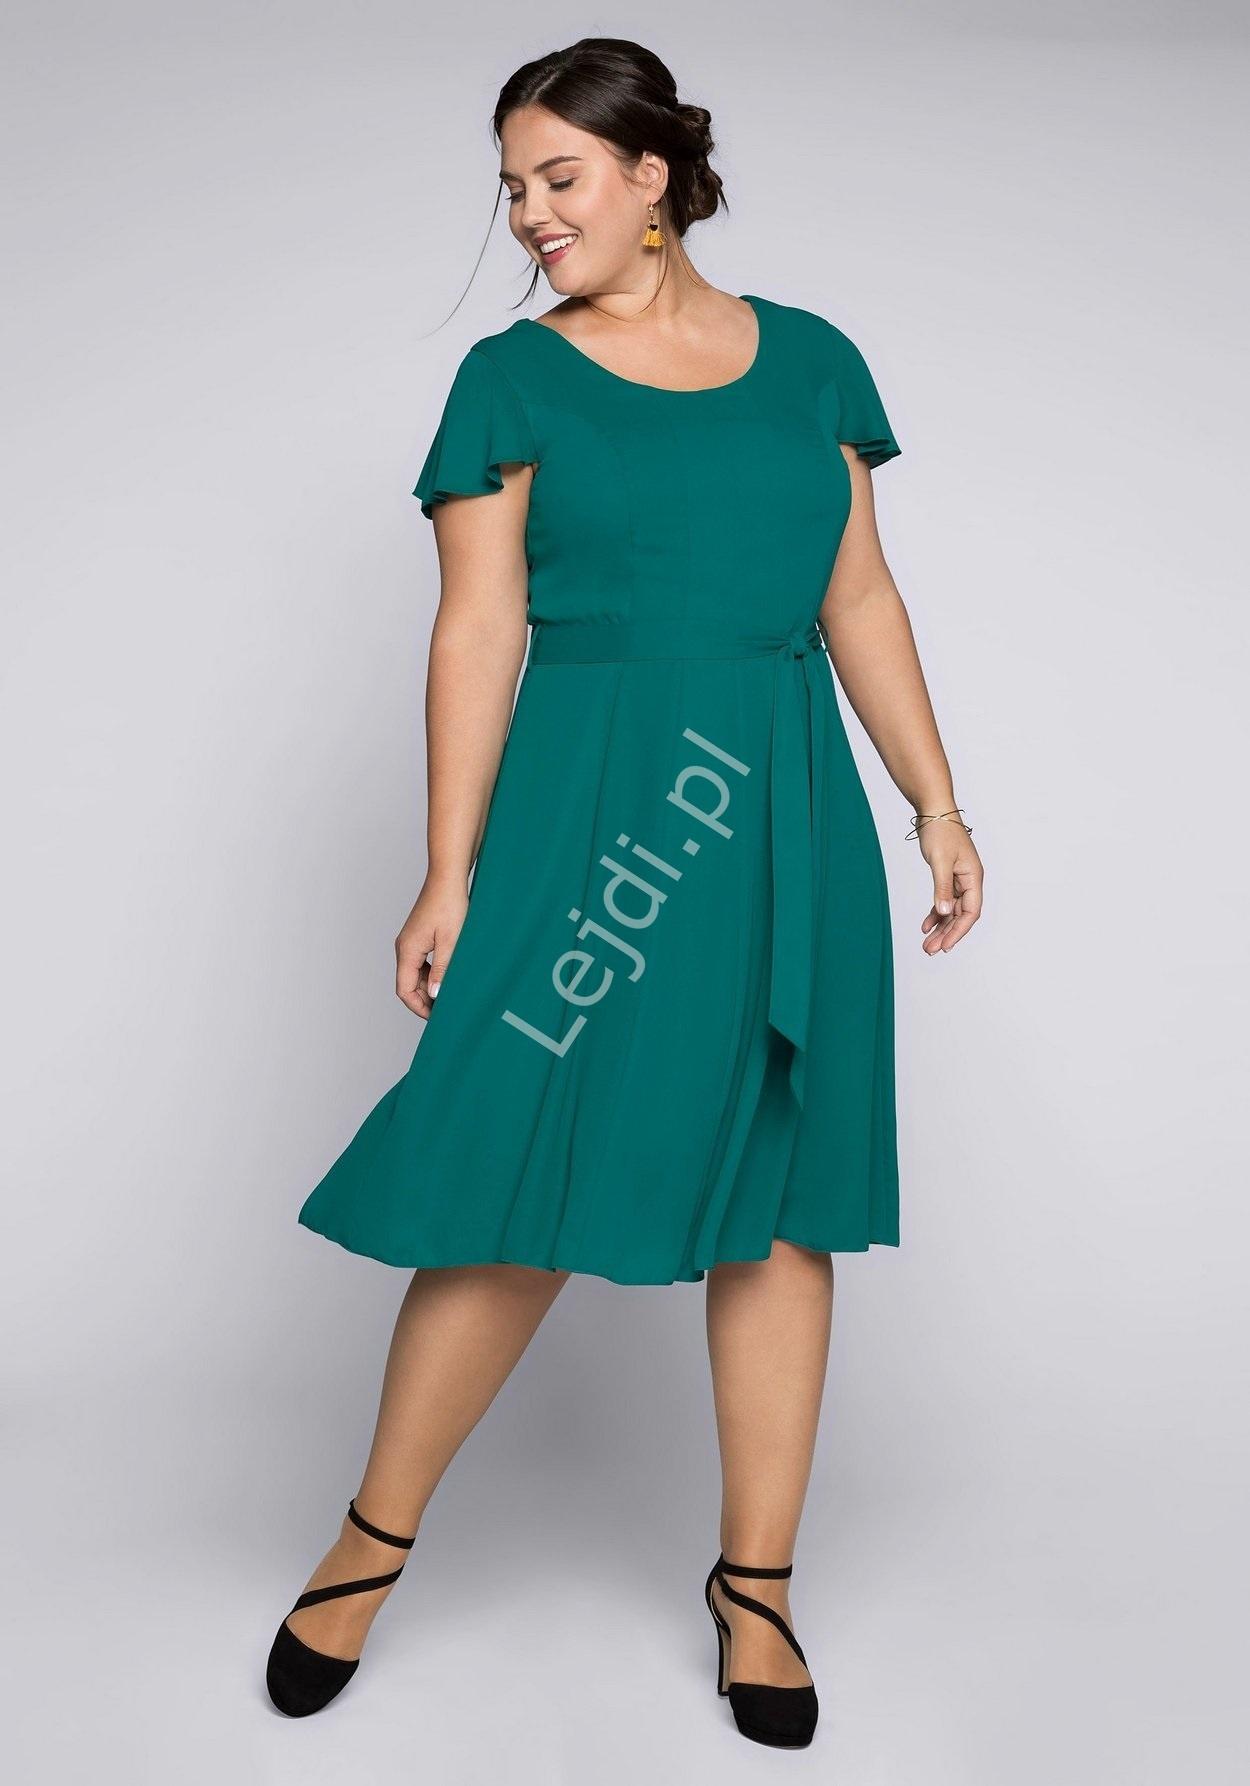 Szmaragdowa prosta sukienka na wesele sheego plus size